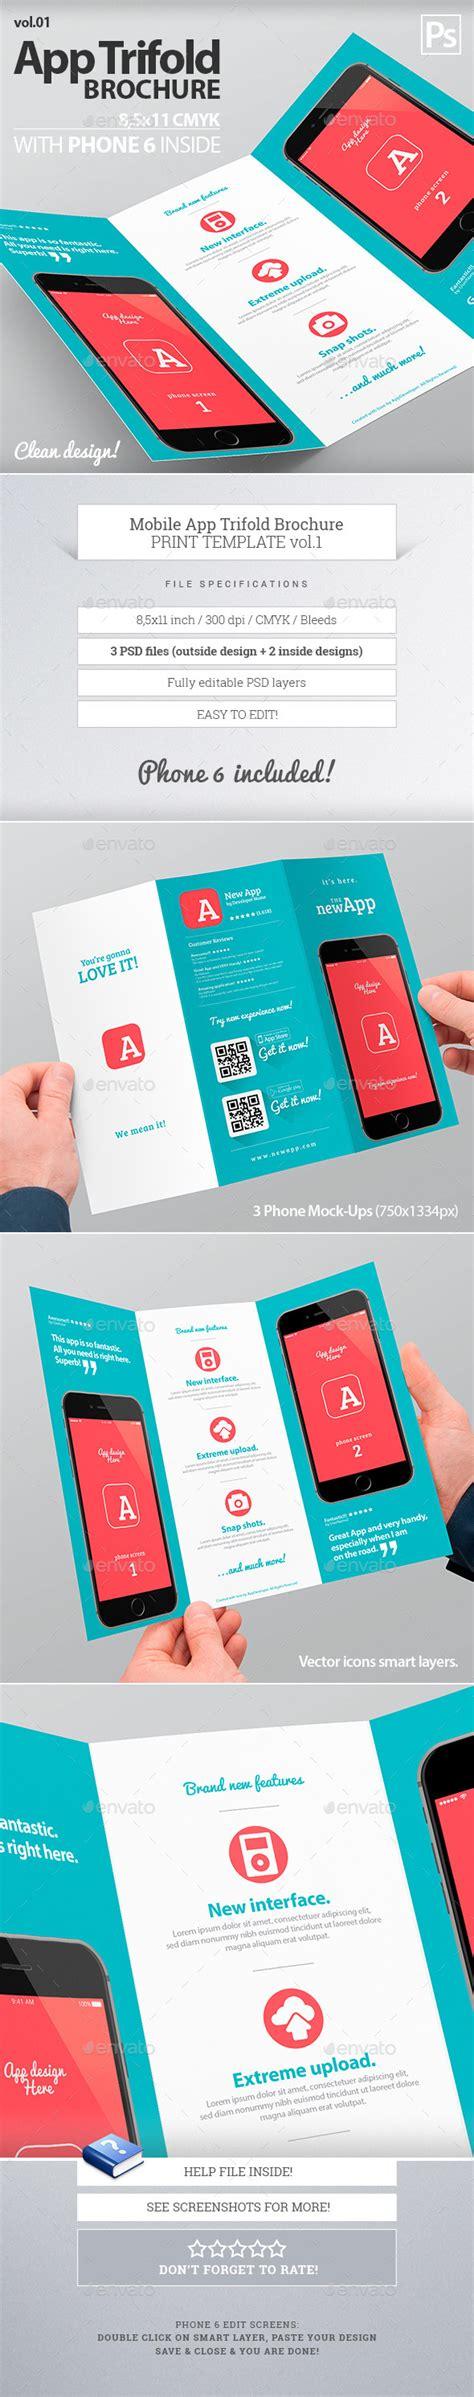 design leaflet app mobile app trifold brochure vol 1 brochures mobile app